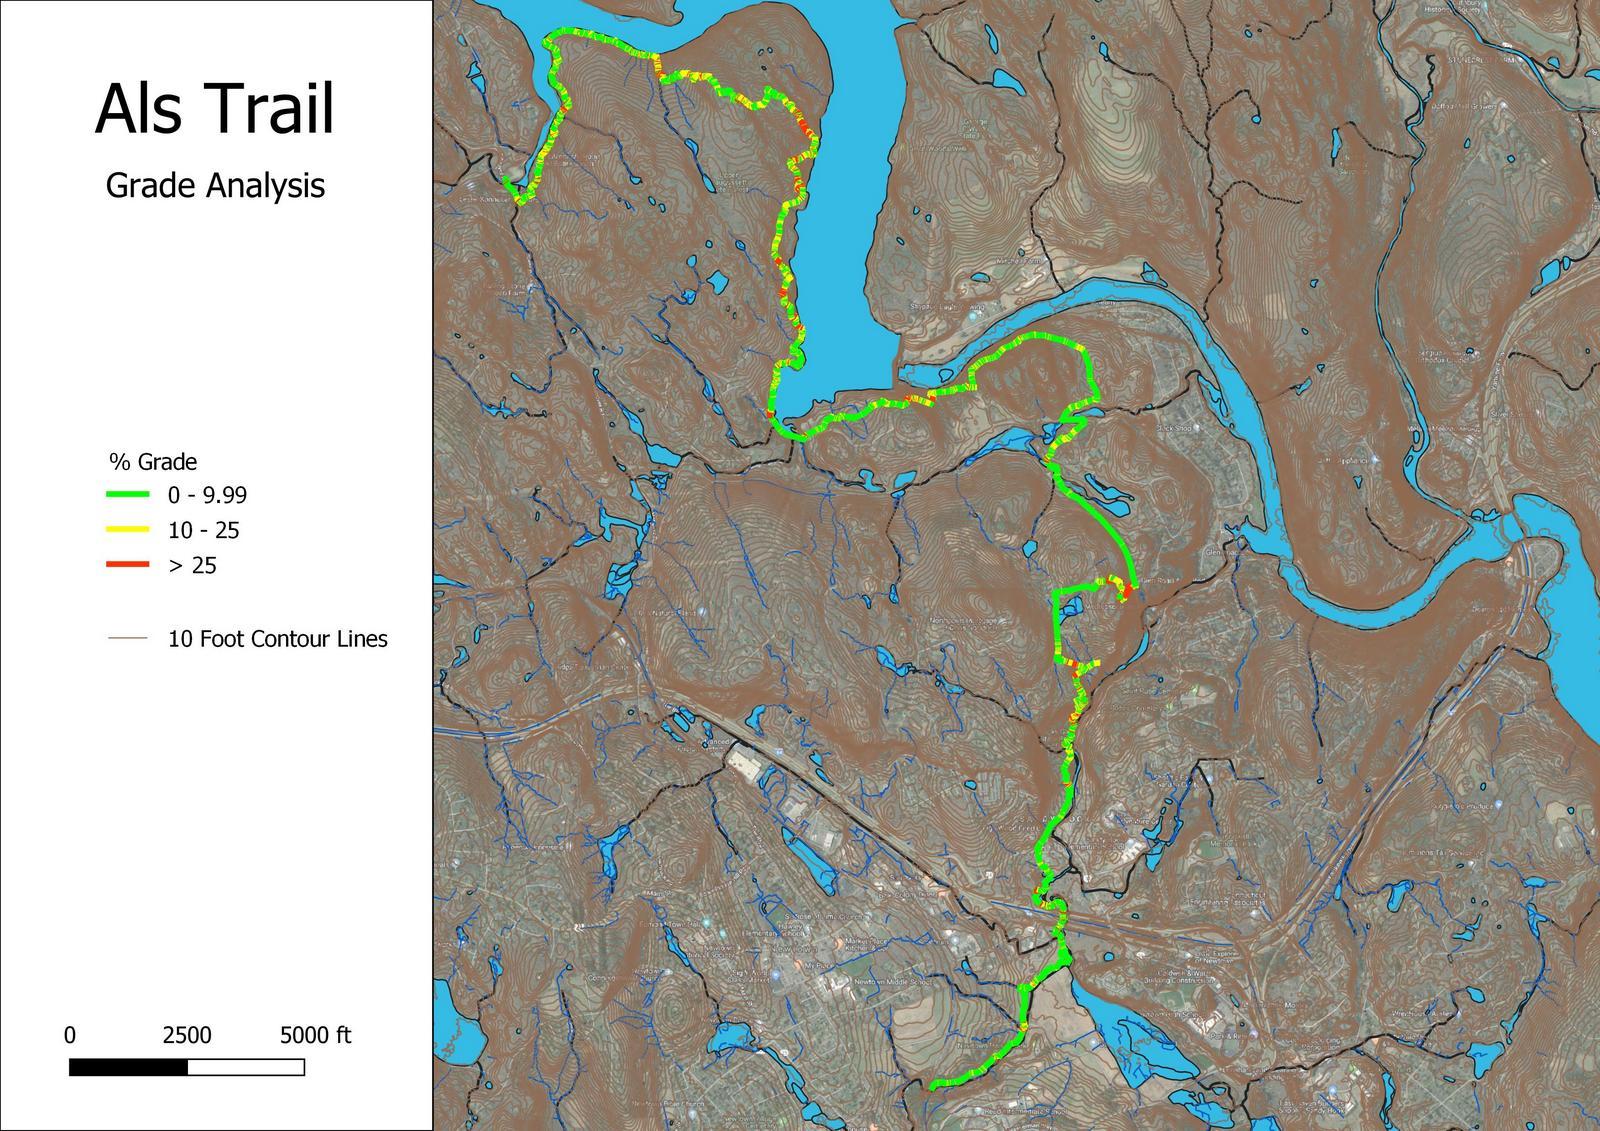 GIS trail grade analysis